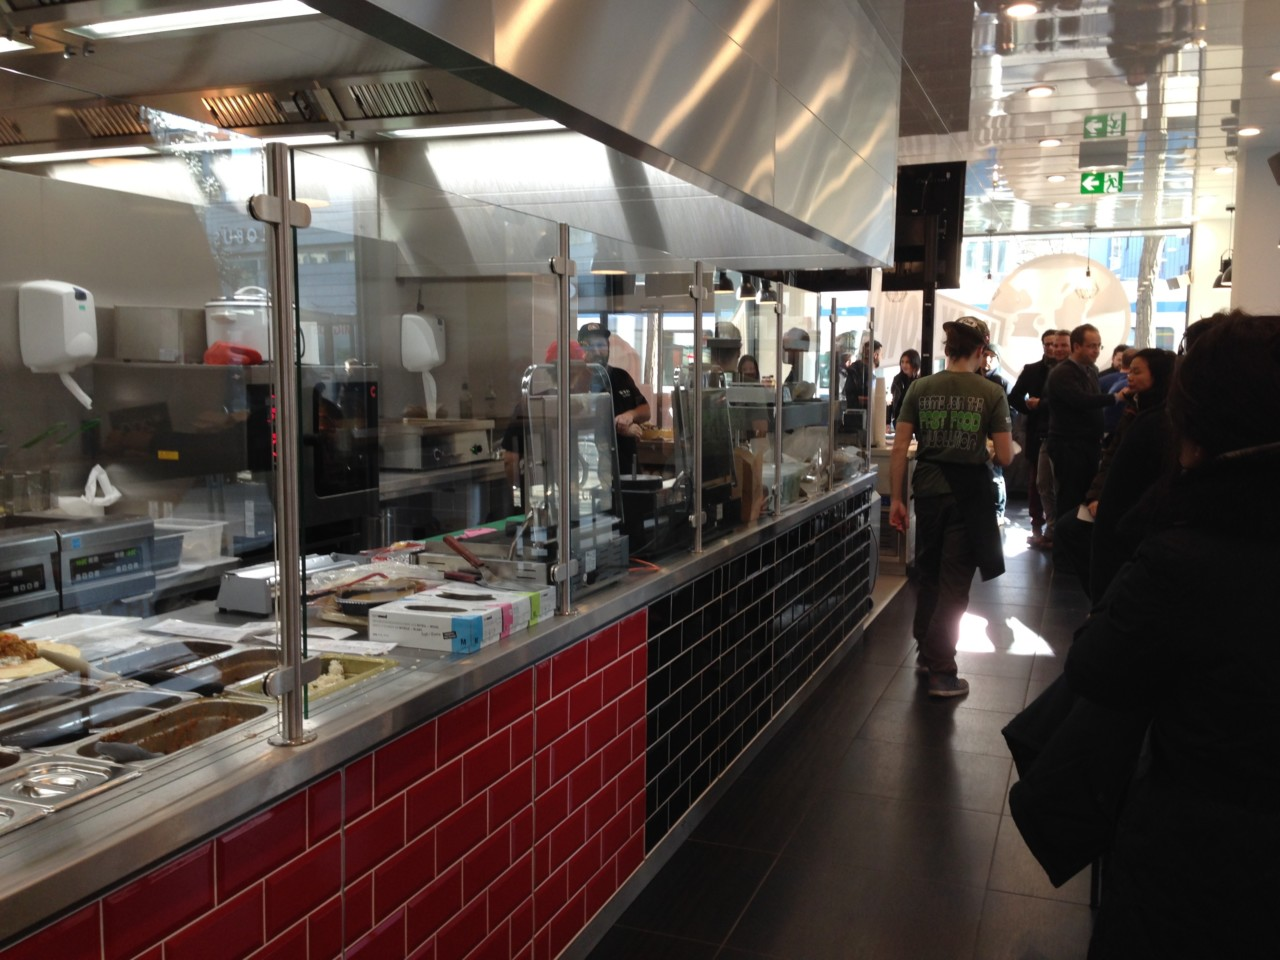 Neueröffnung: Holpriger Start bei den Burrito Brothers   Lunchgate ...